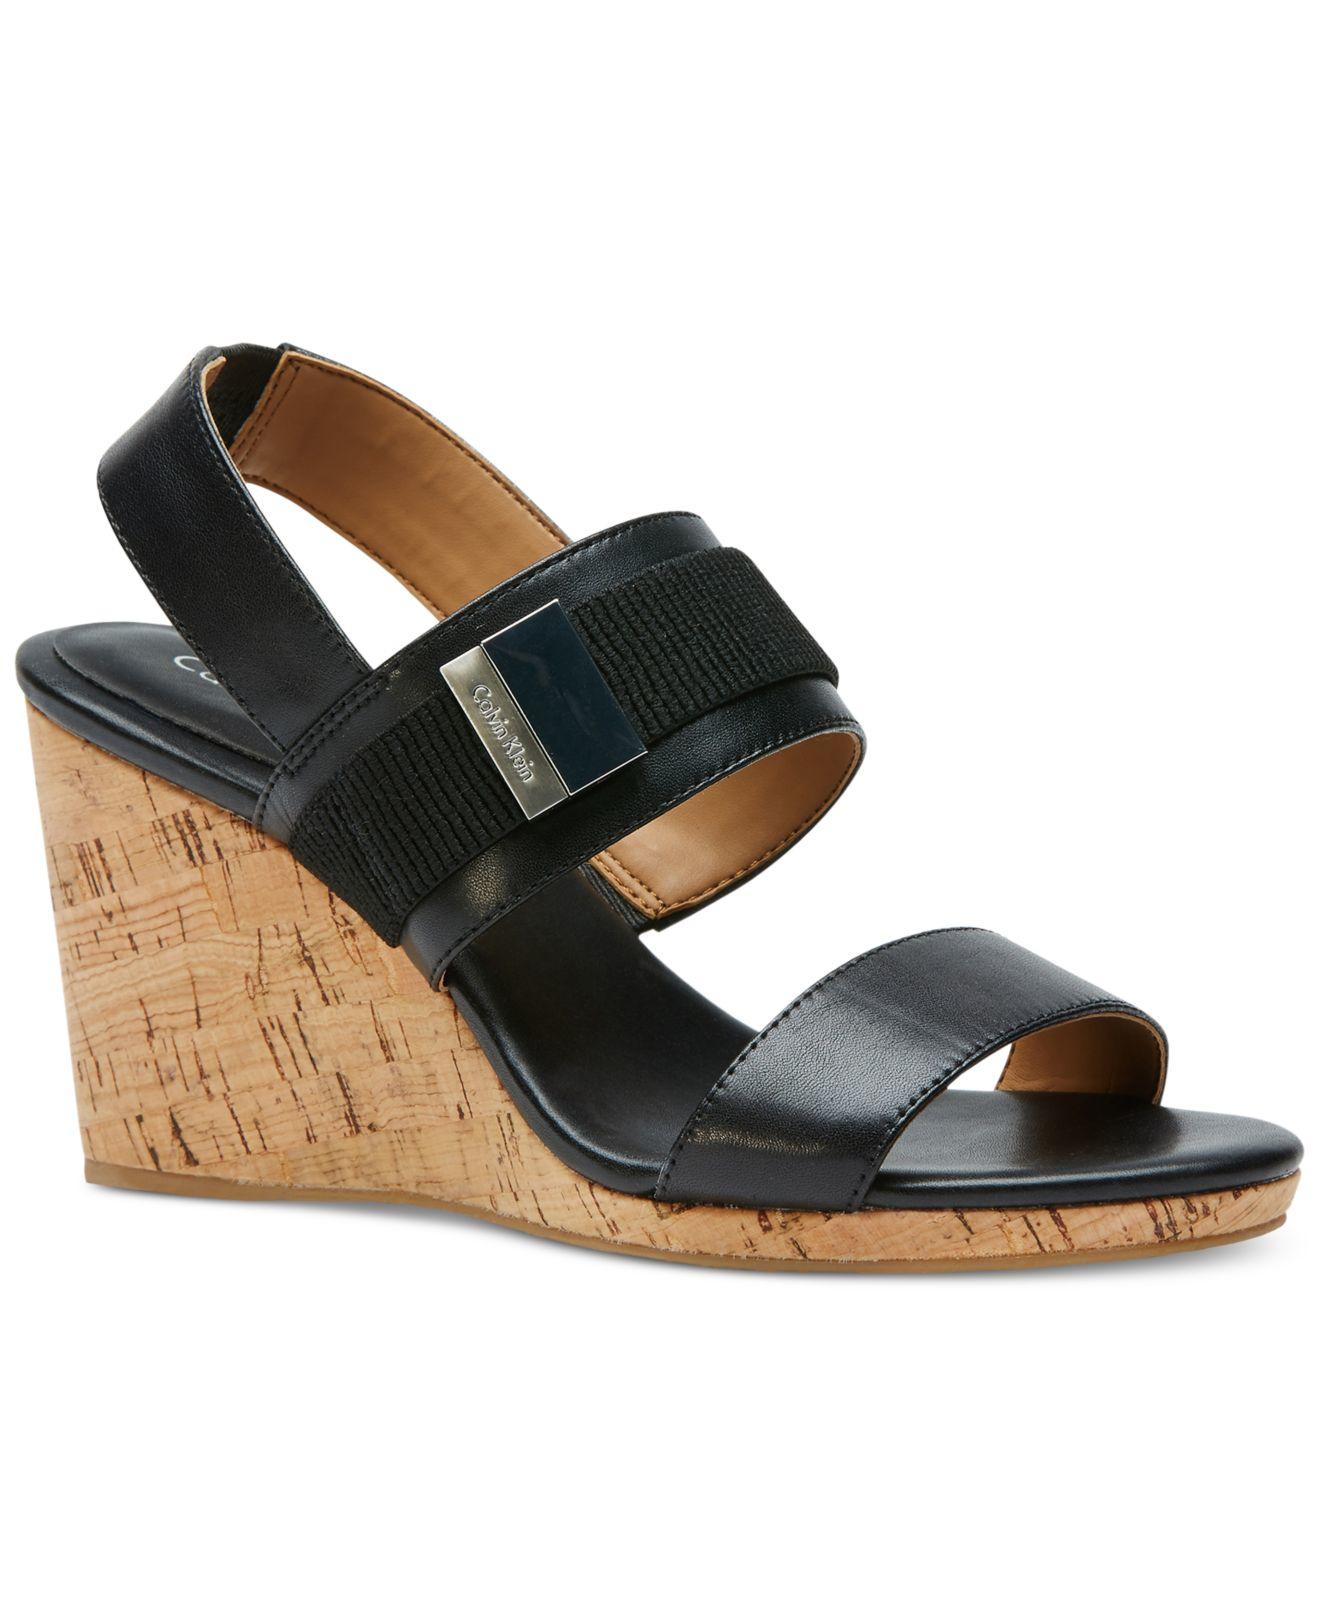 calvin klein brandie wedge sandals in black lyst